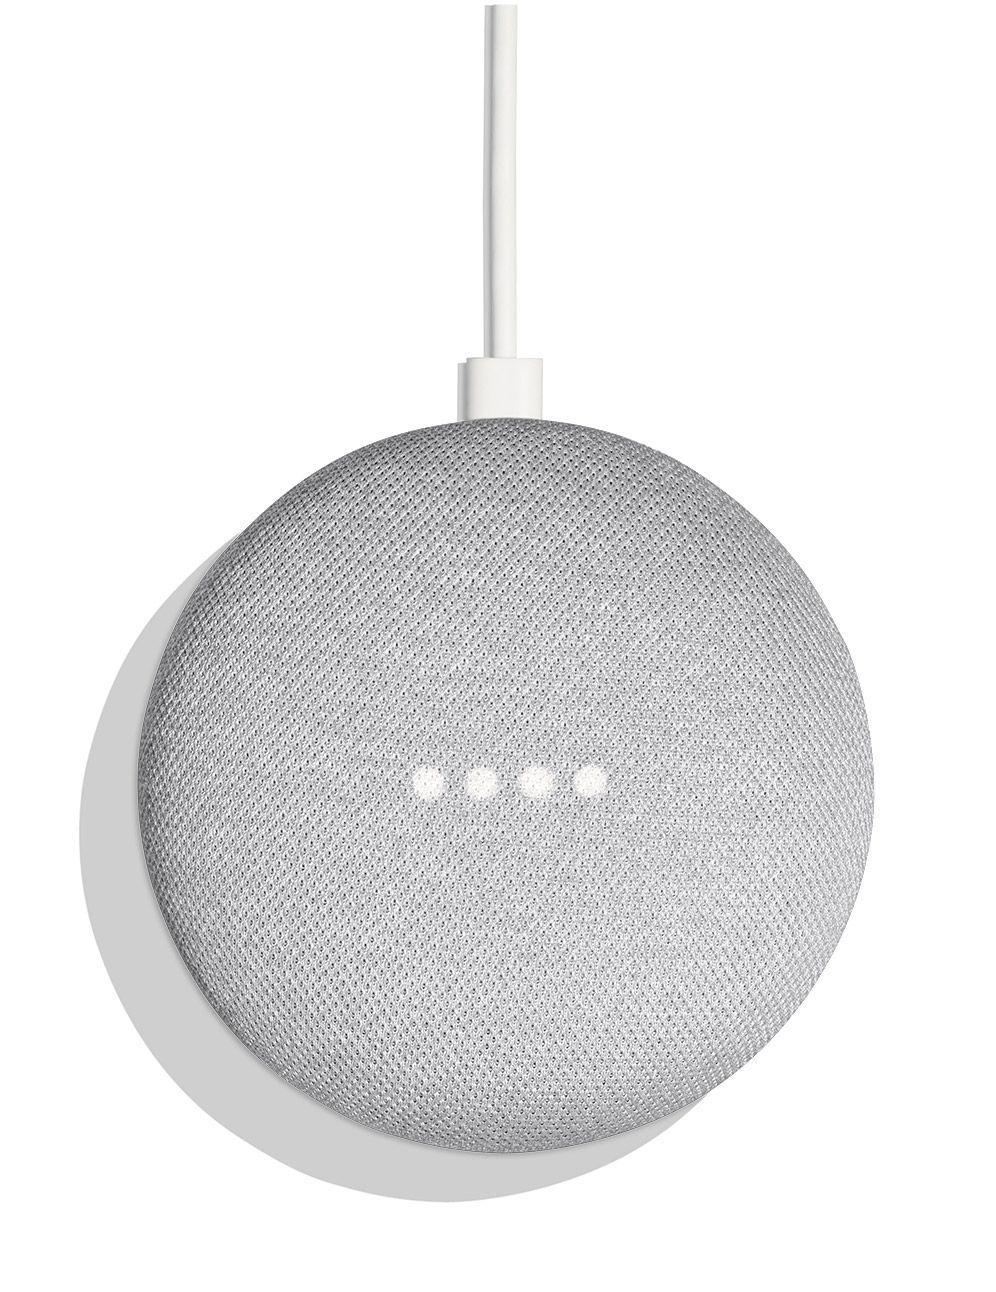 Безжична колонка Google Home mini Speaker, Сив